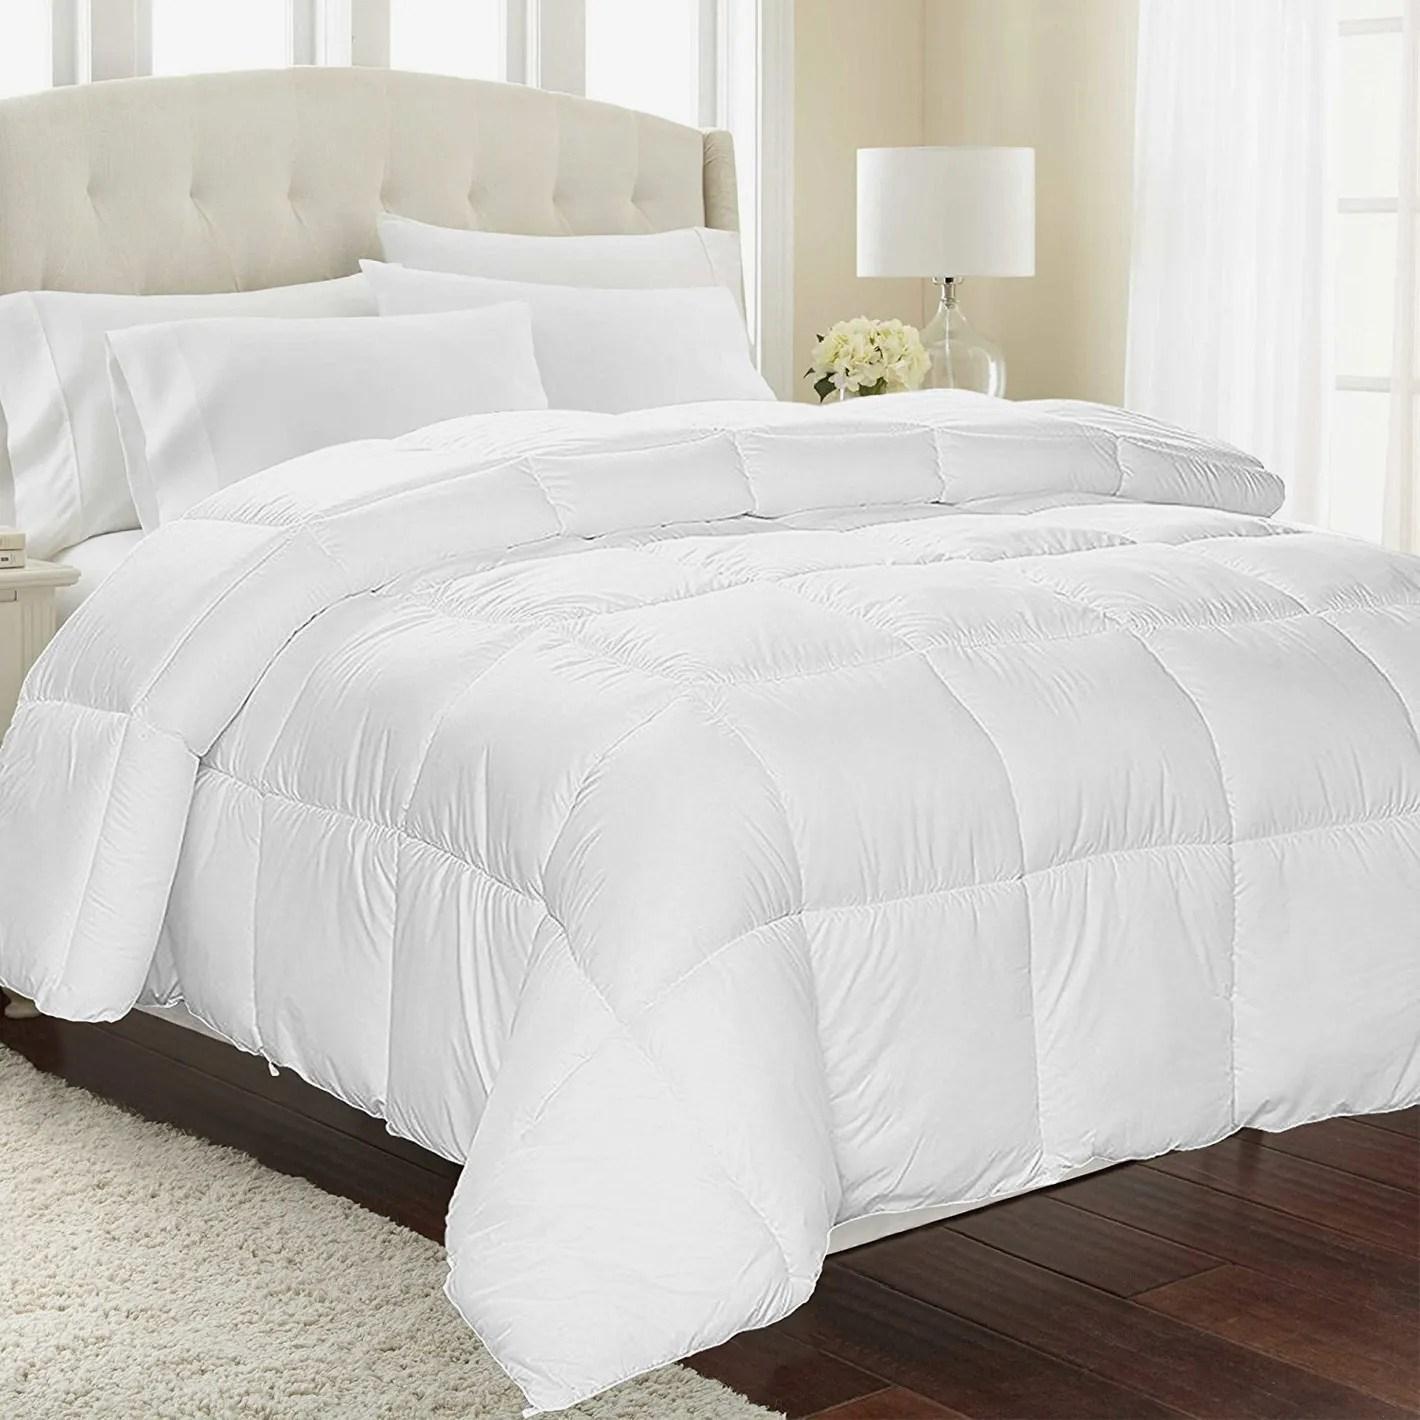 Fullsize Of Best Down Alternative Comforter